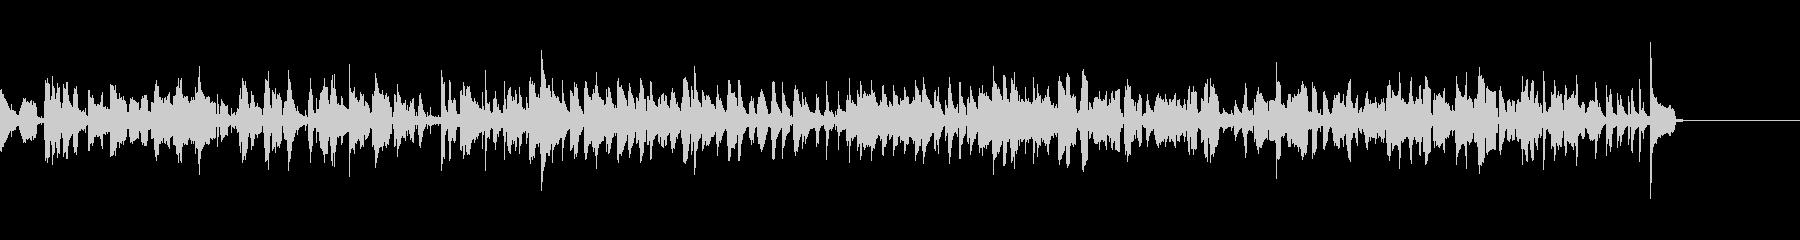 F メジャーのジャズ・ブルース の未再生の波形